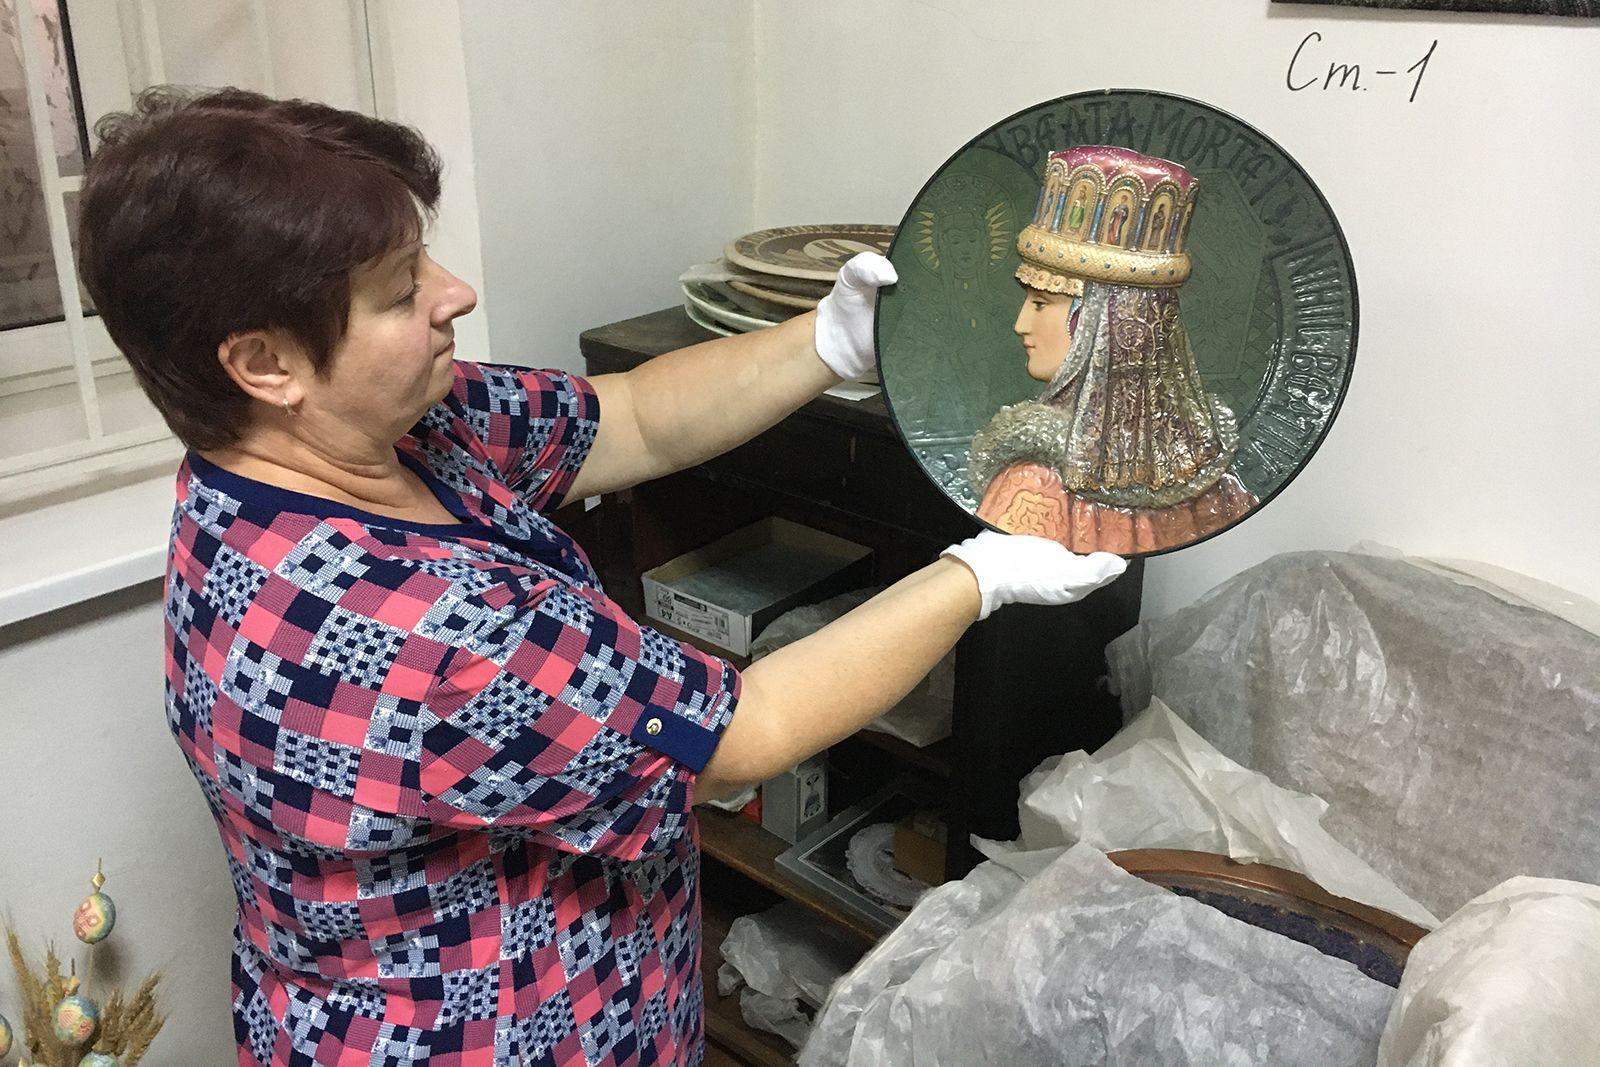 Рассмотреть со всех сторон: в Николаеве оцифруют 300 музейных экспонатов из фарфора